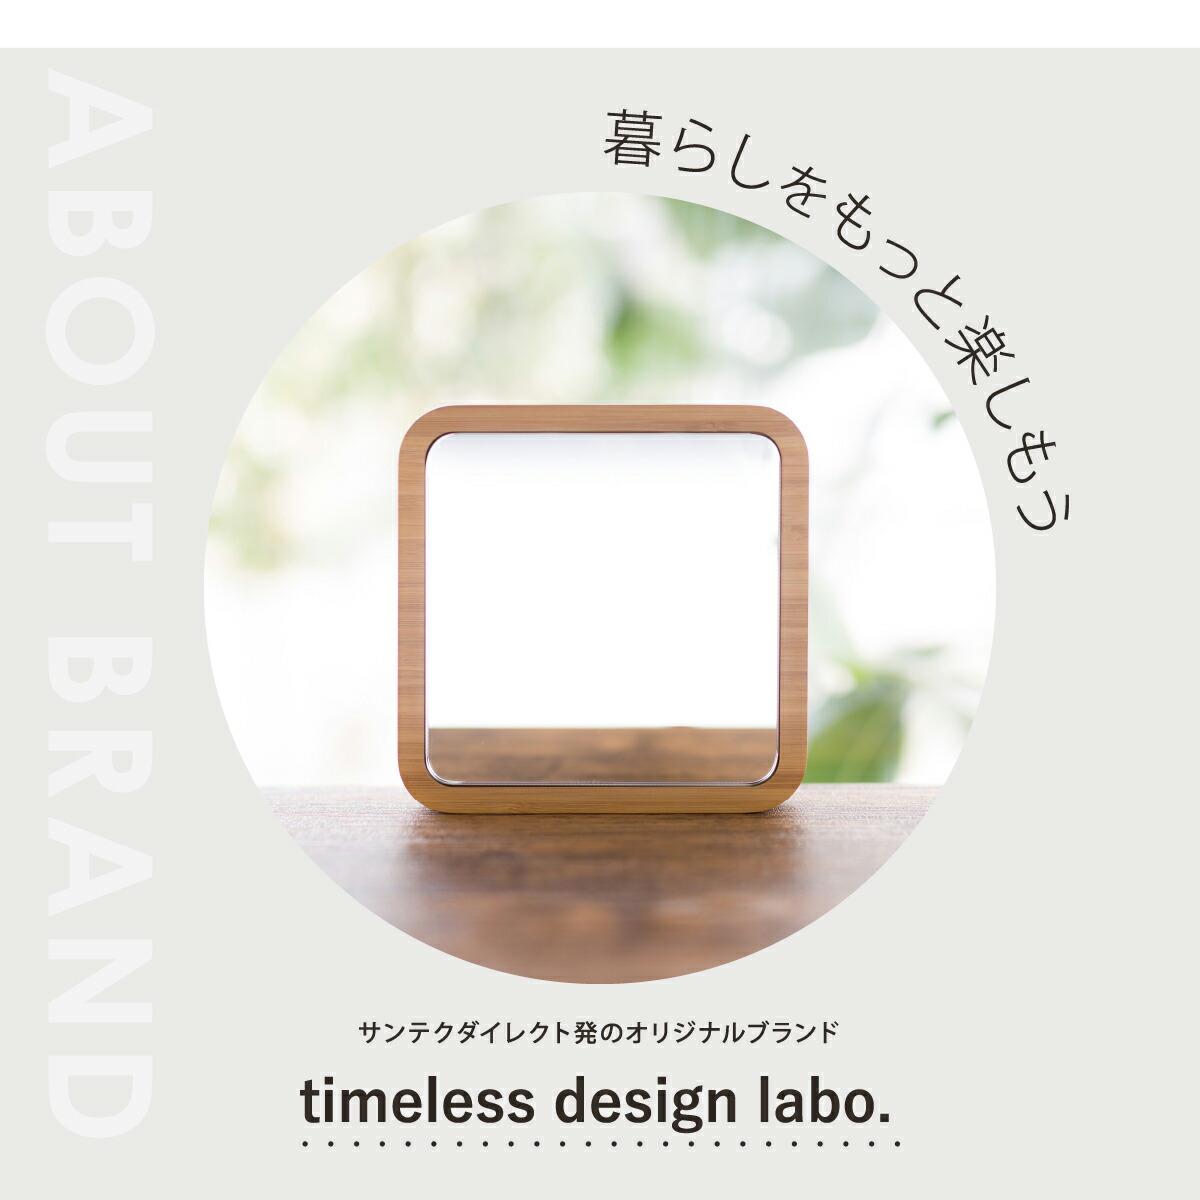 暮らしをもっと楽しもう:タイムレスデザインラボ TIMELESS DESIGN LABO サンテクのオリジナルブランド